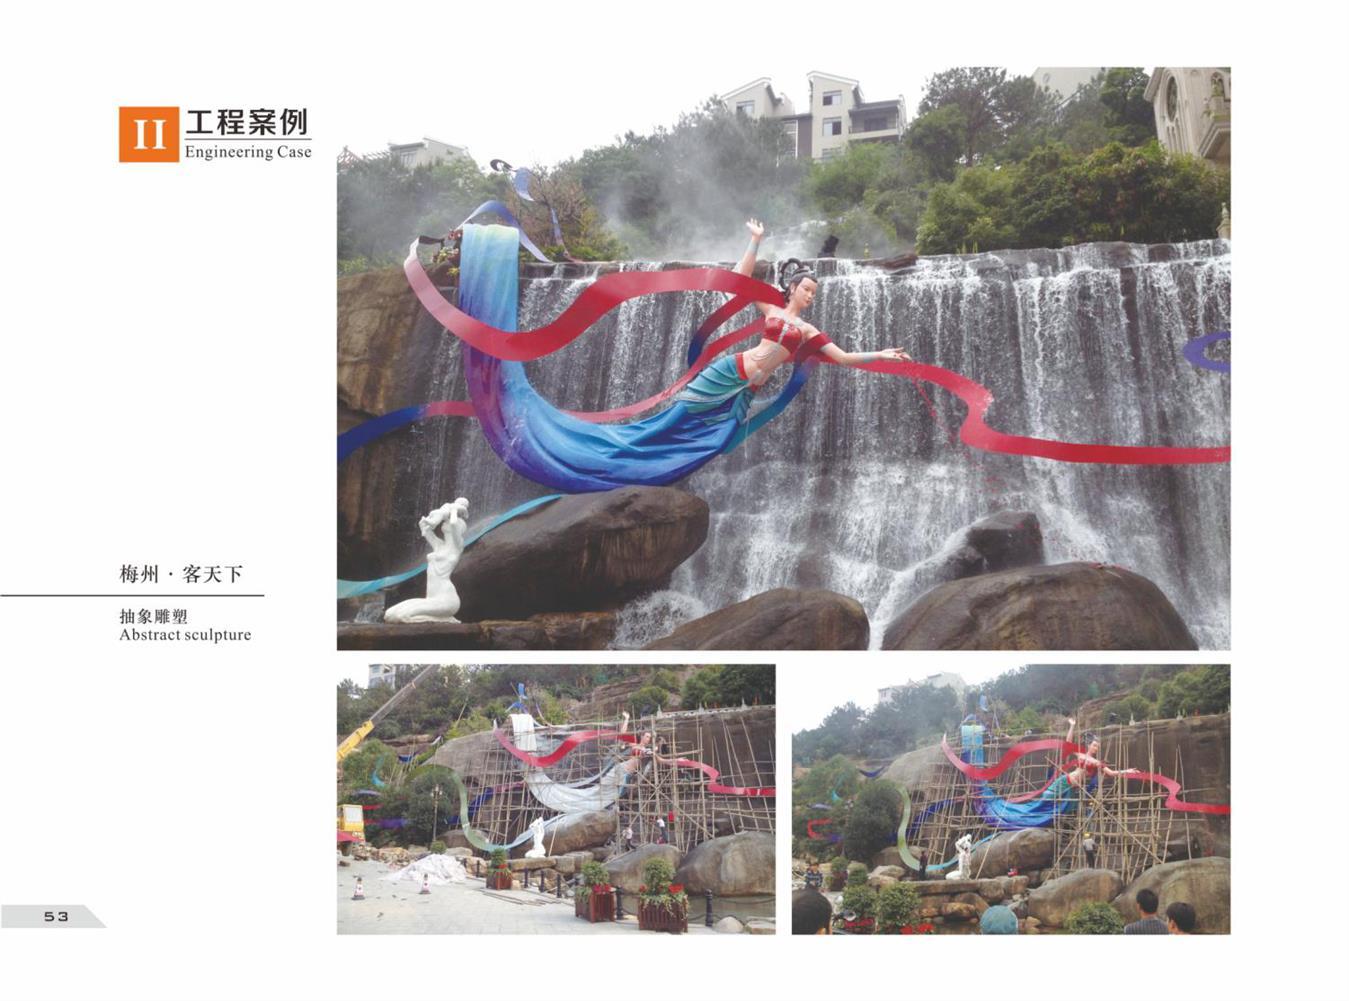 上海抽象不锈钢雕塑